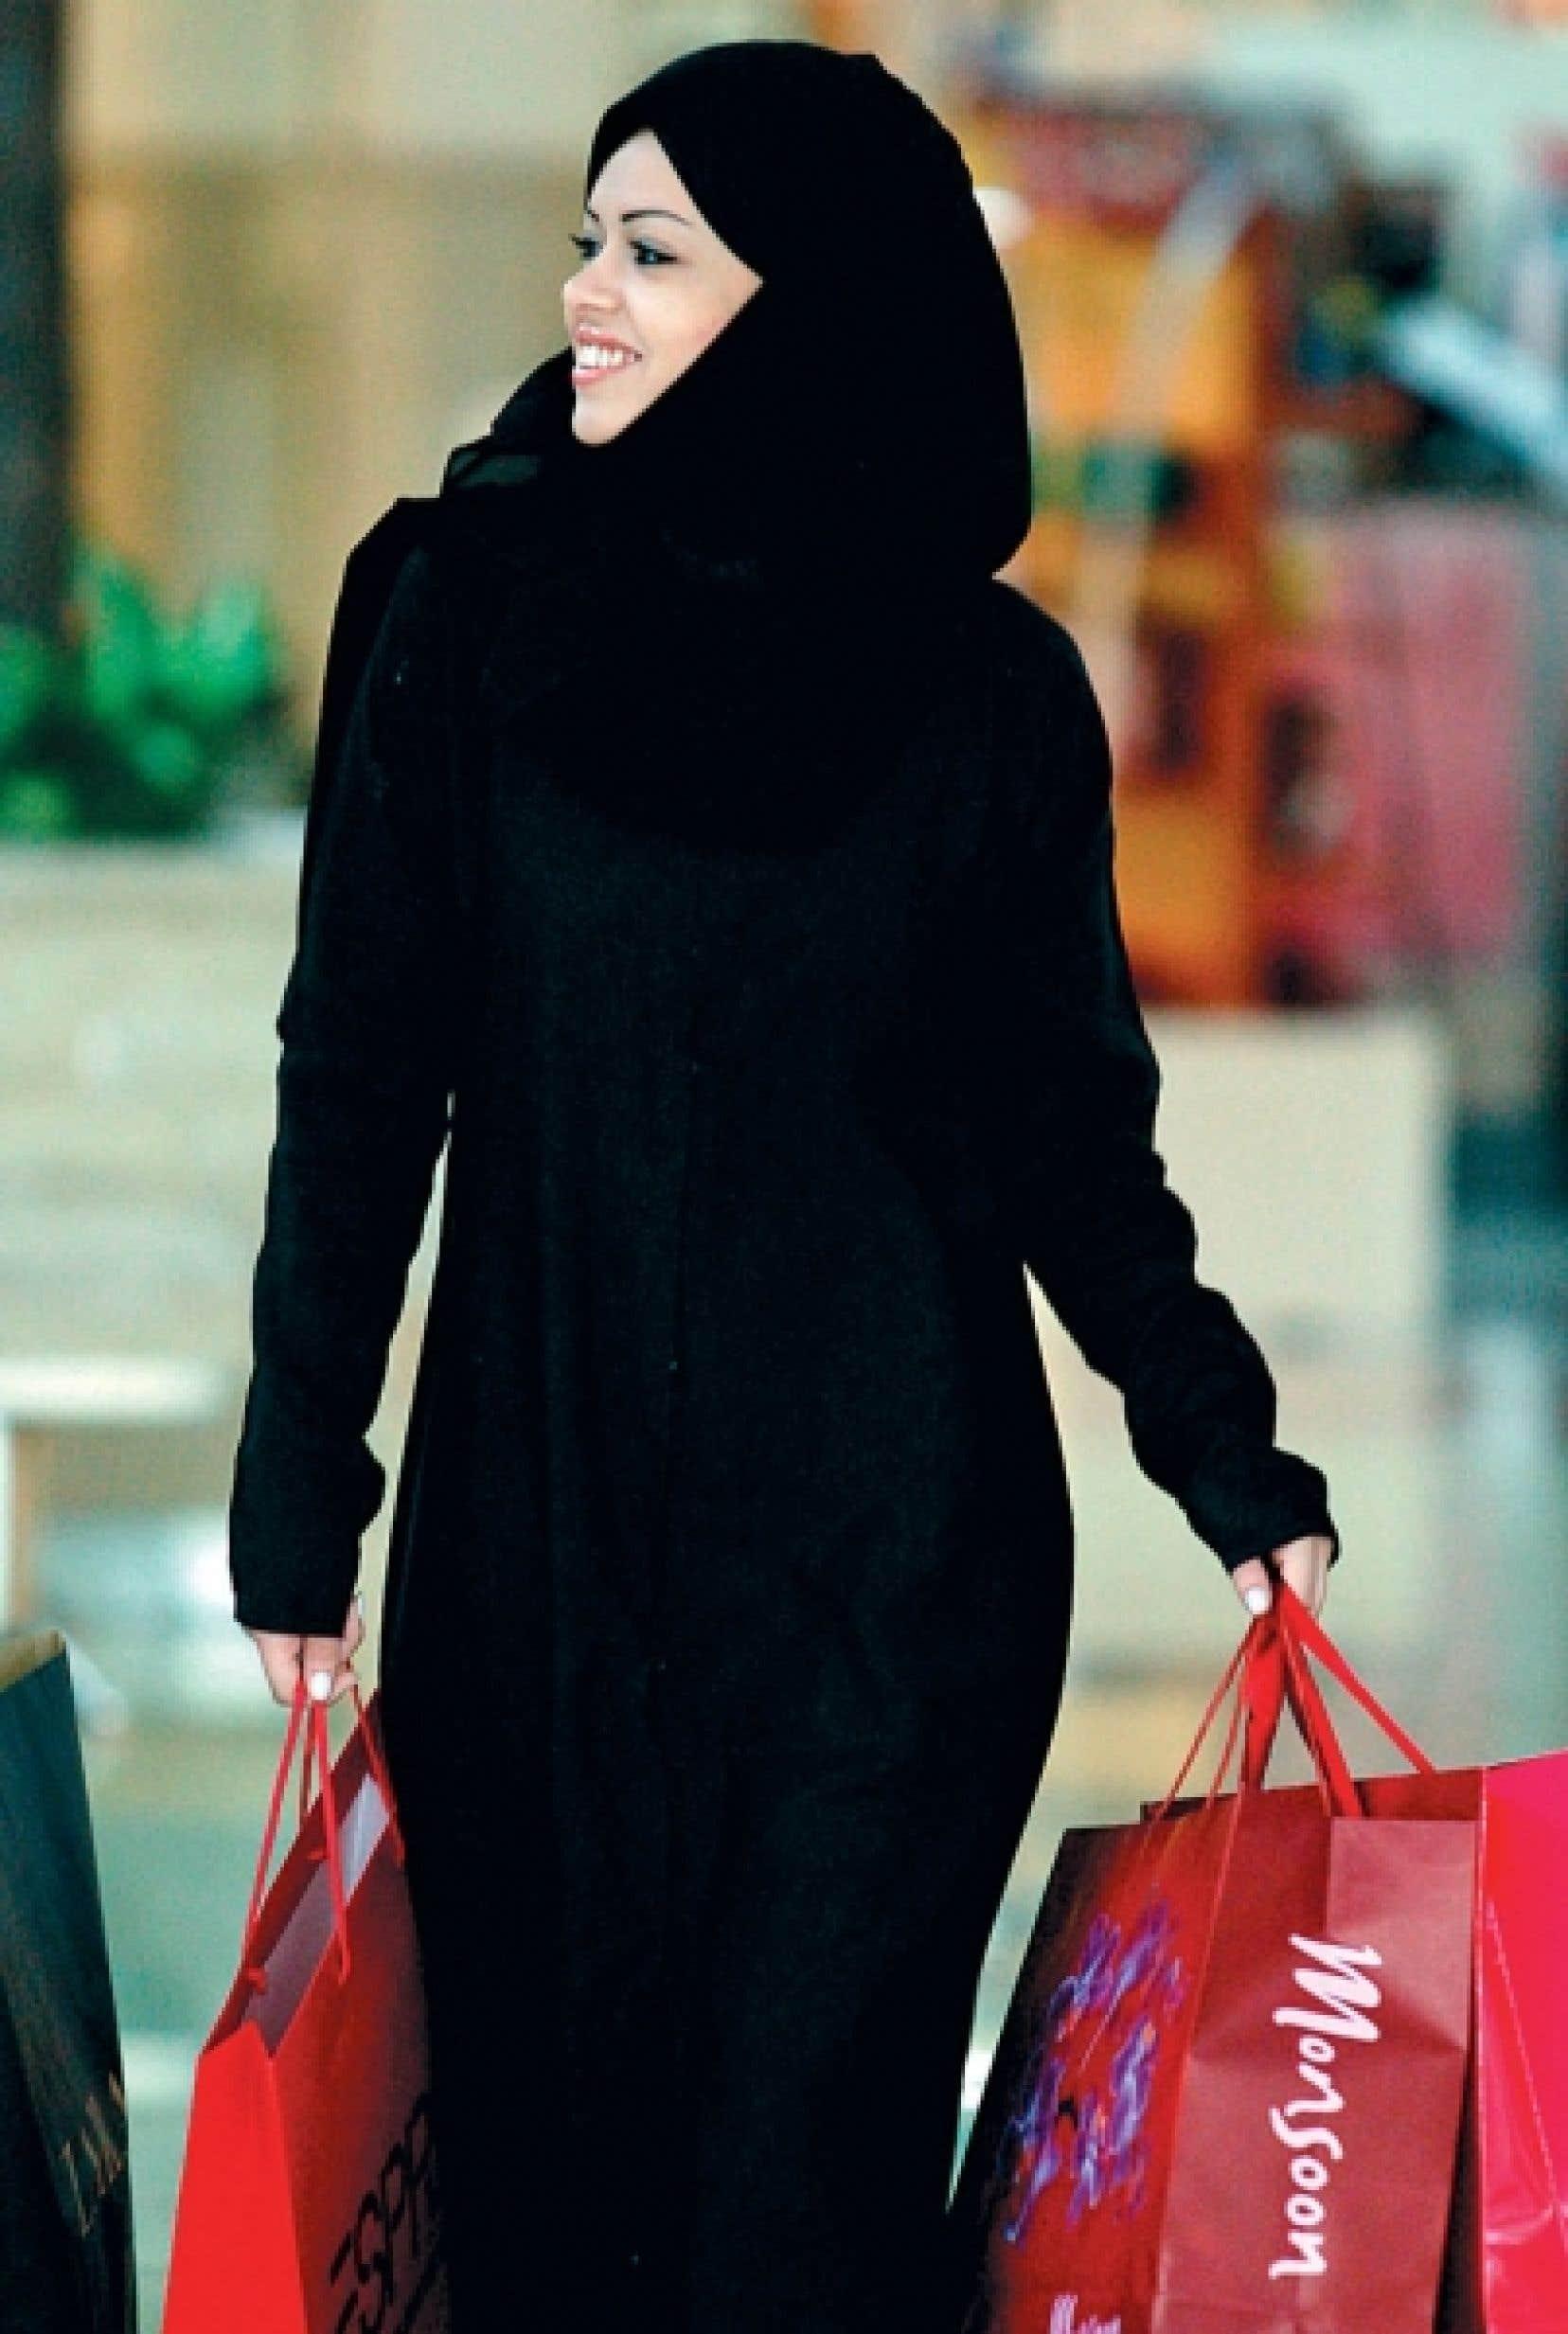 Saoudienne faisant ses emplettes<br />